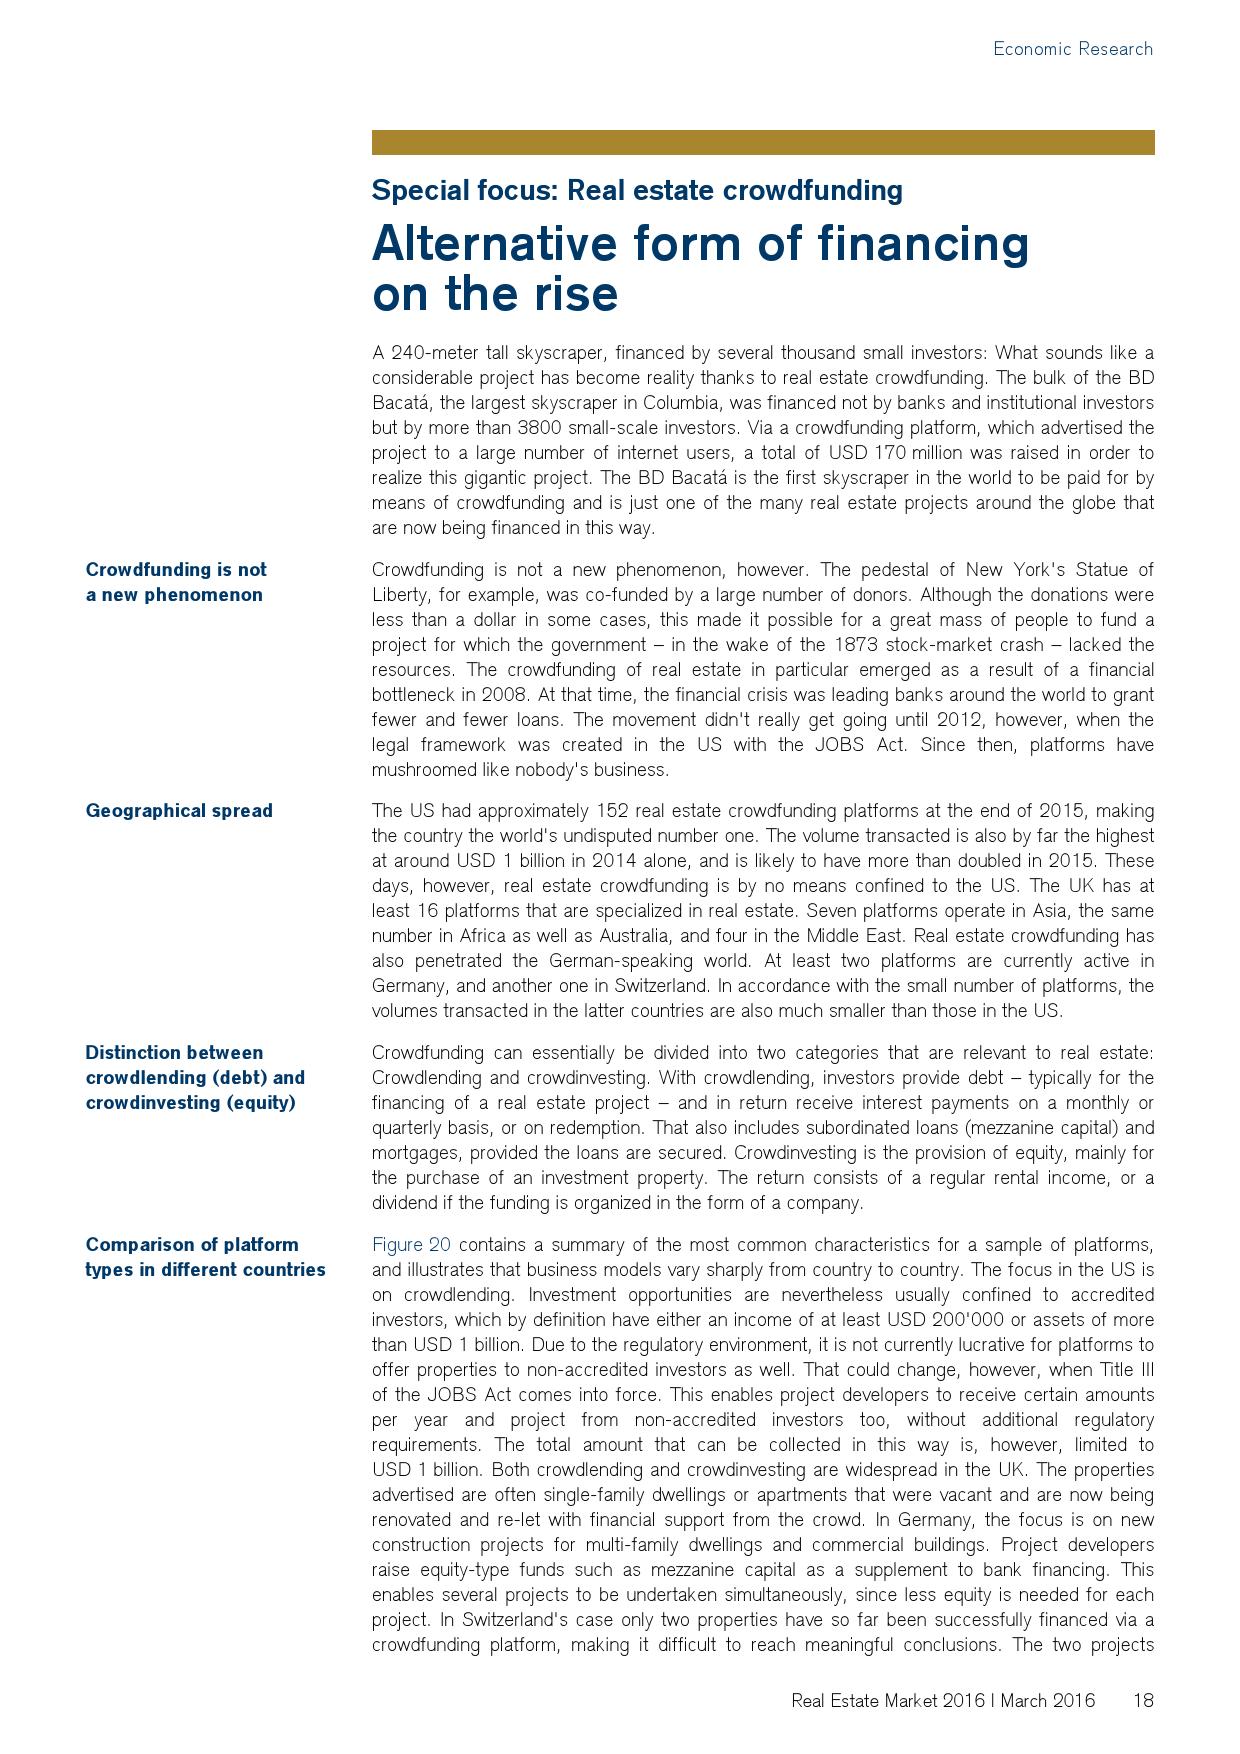 2016年瑞士房地产市场研究报告_000018